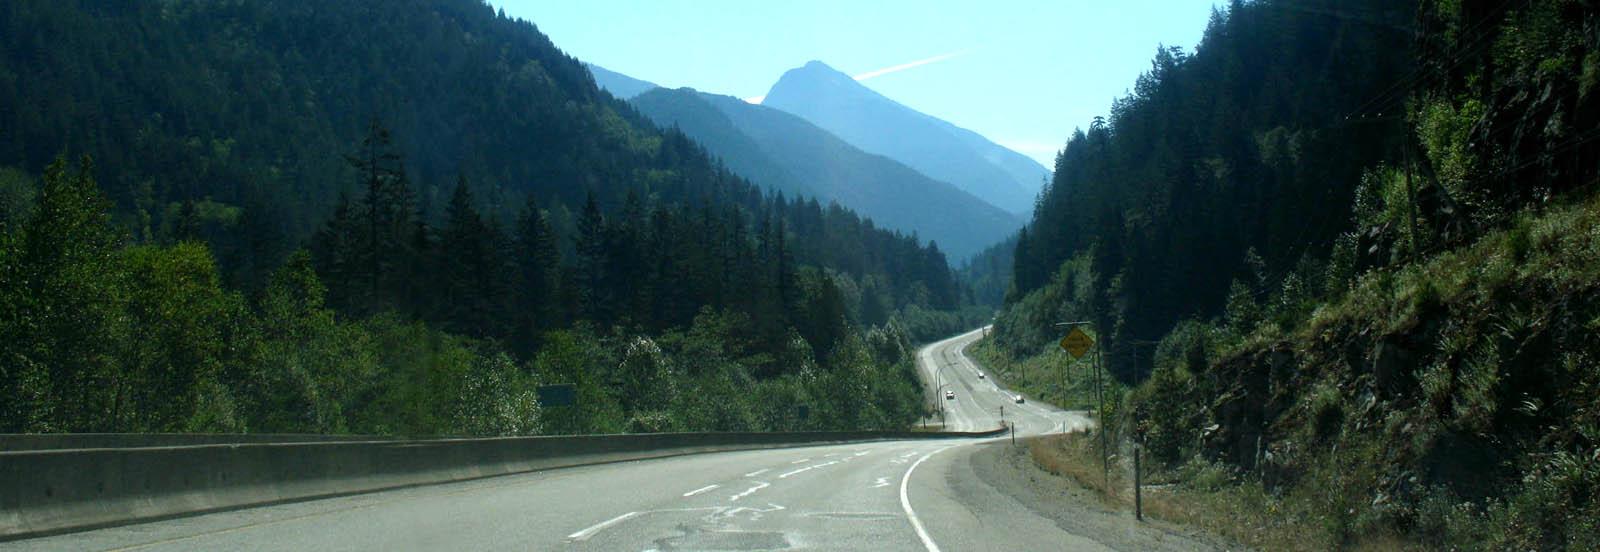 Hope-Highway 3 East -sliver